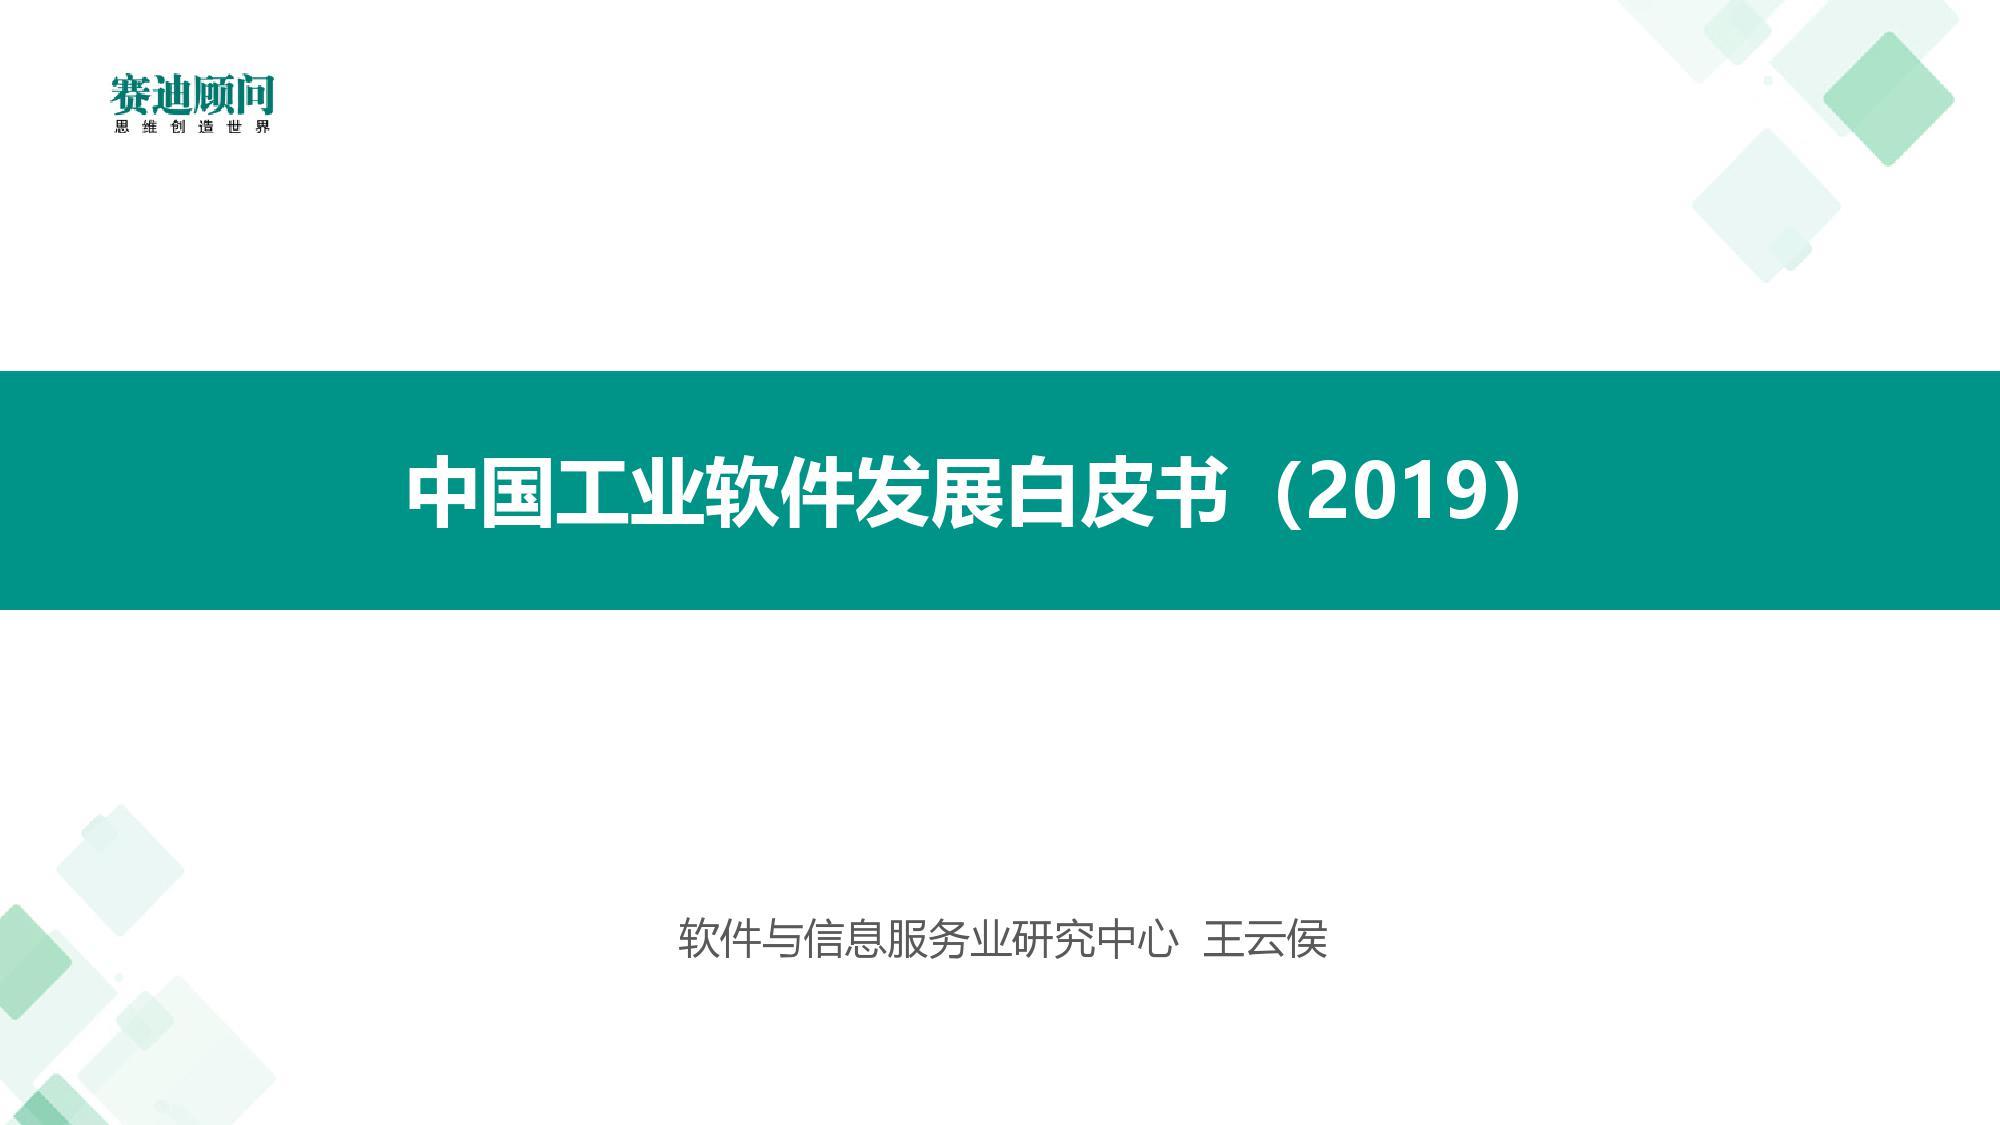 2019年中国工业软件发展白皮书(全文)